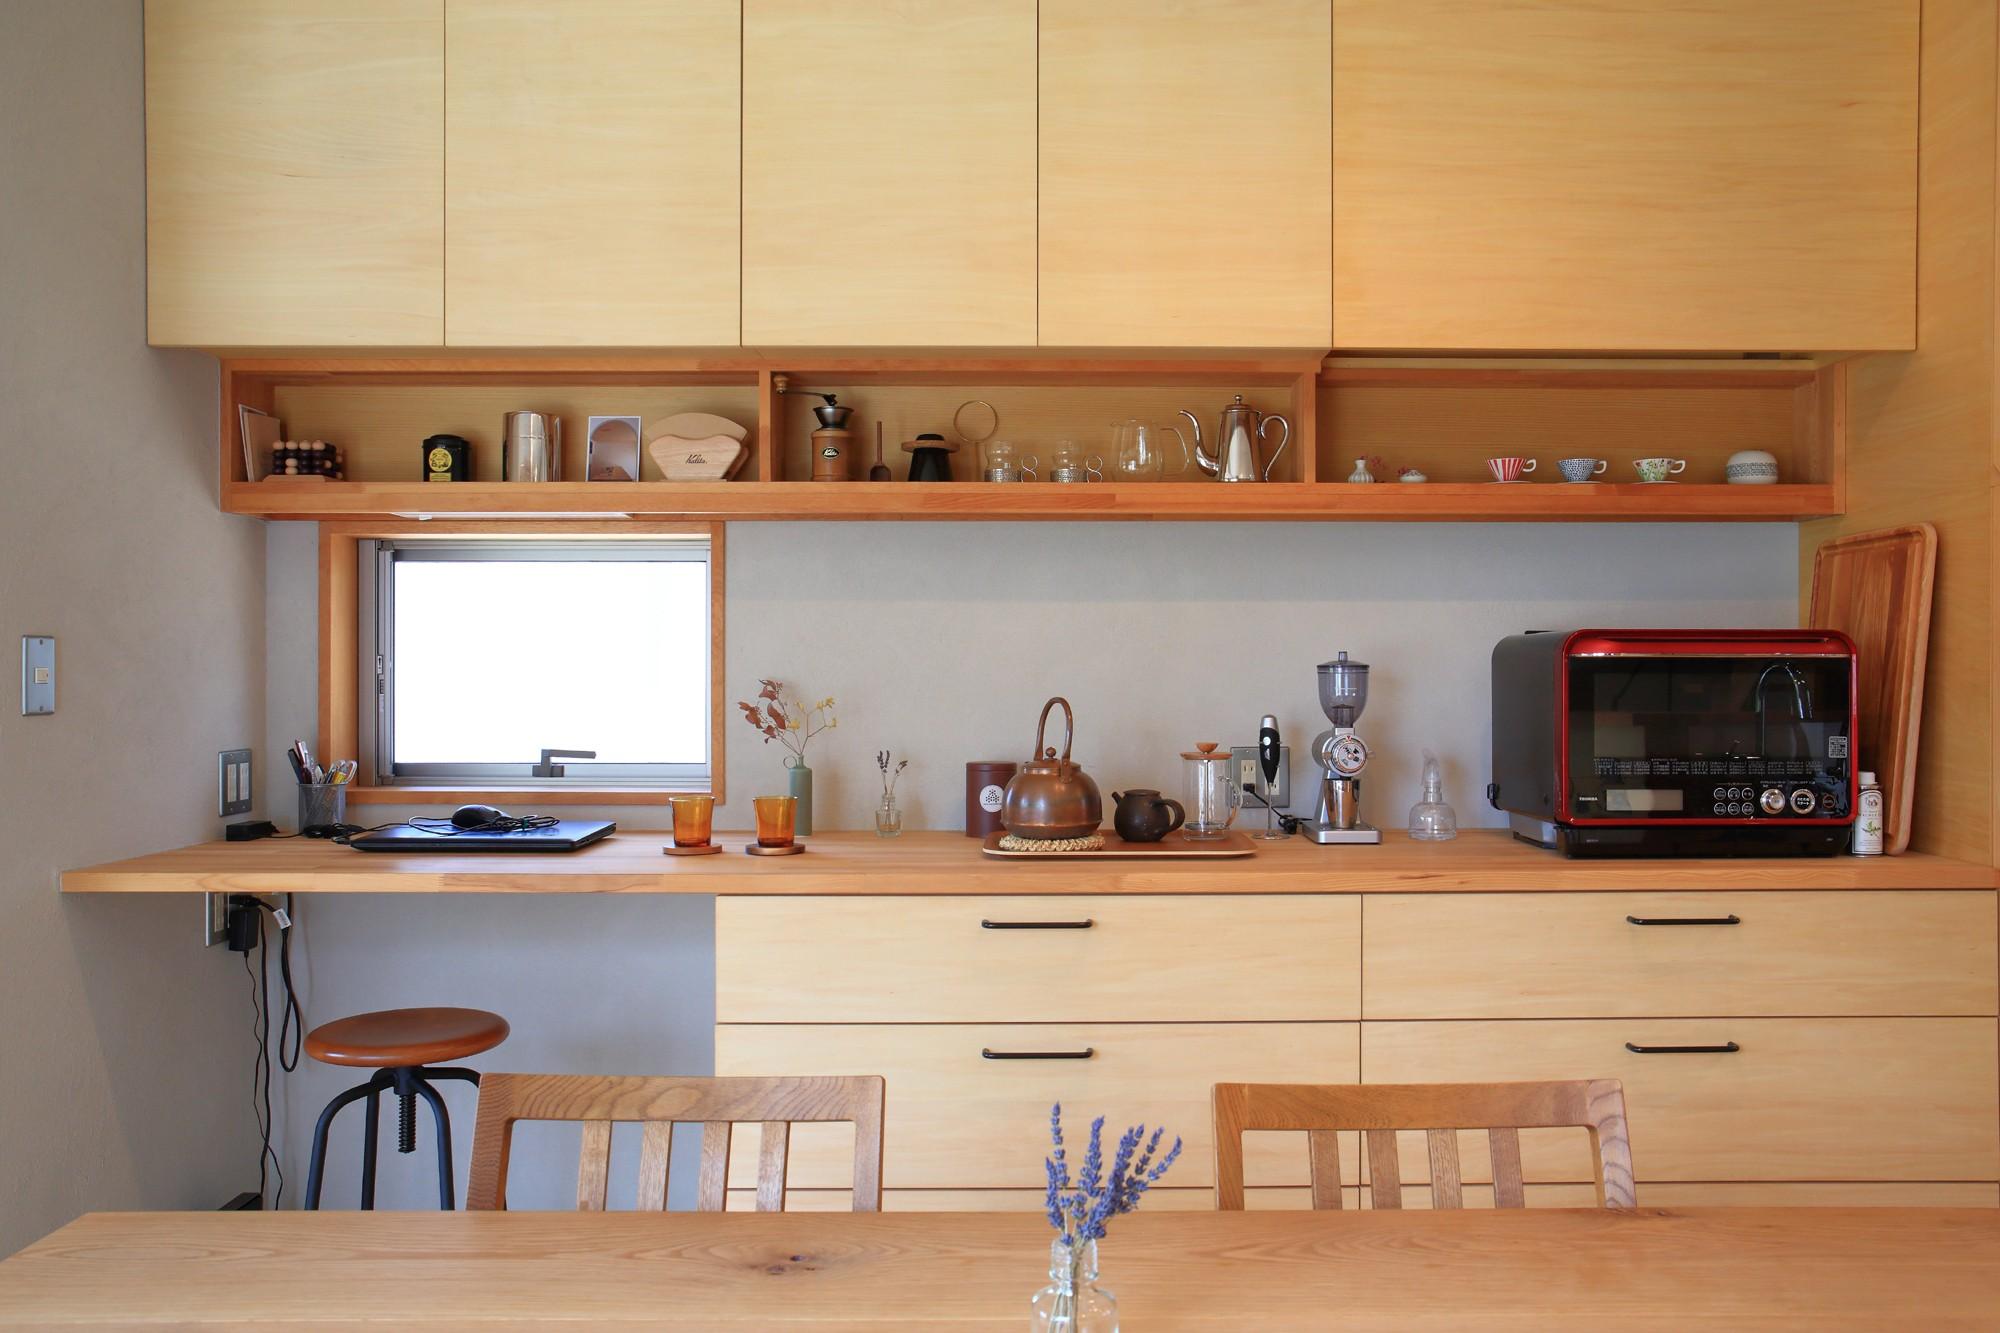 キッチン事例:ダイニングキッチン(暮らしを楽しむ家~好きなインテリアと雑貨に囲まれた暮らし~)